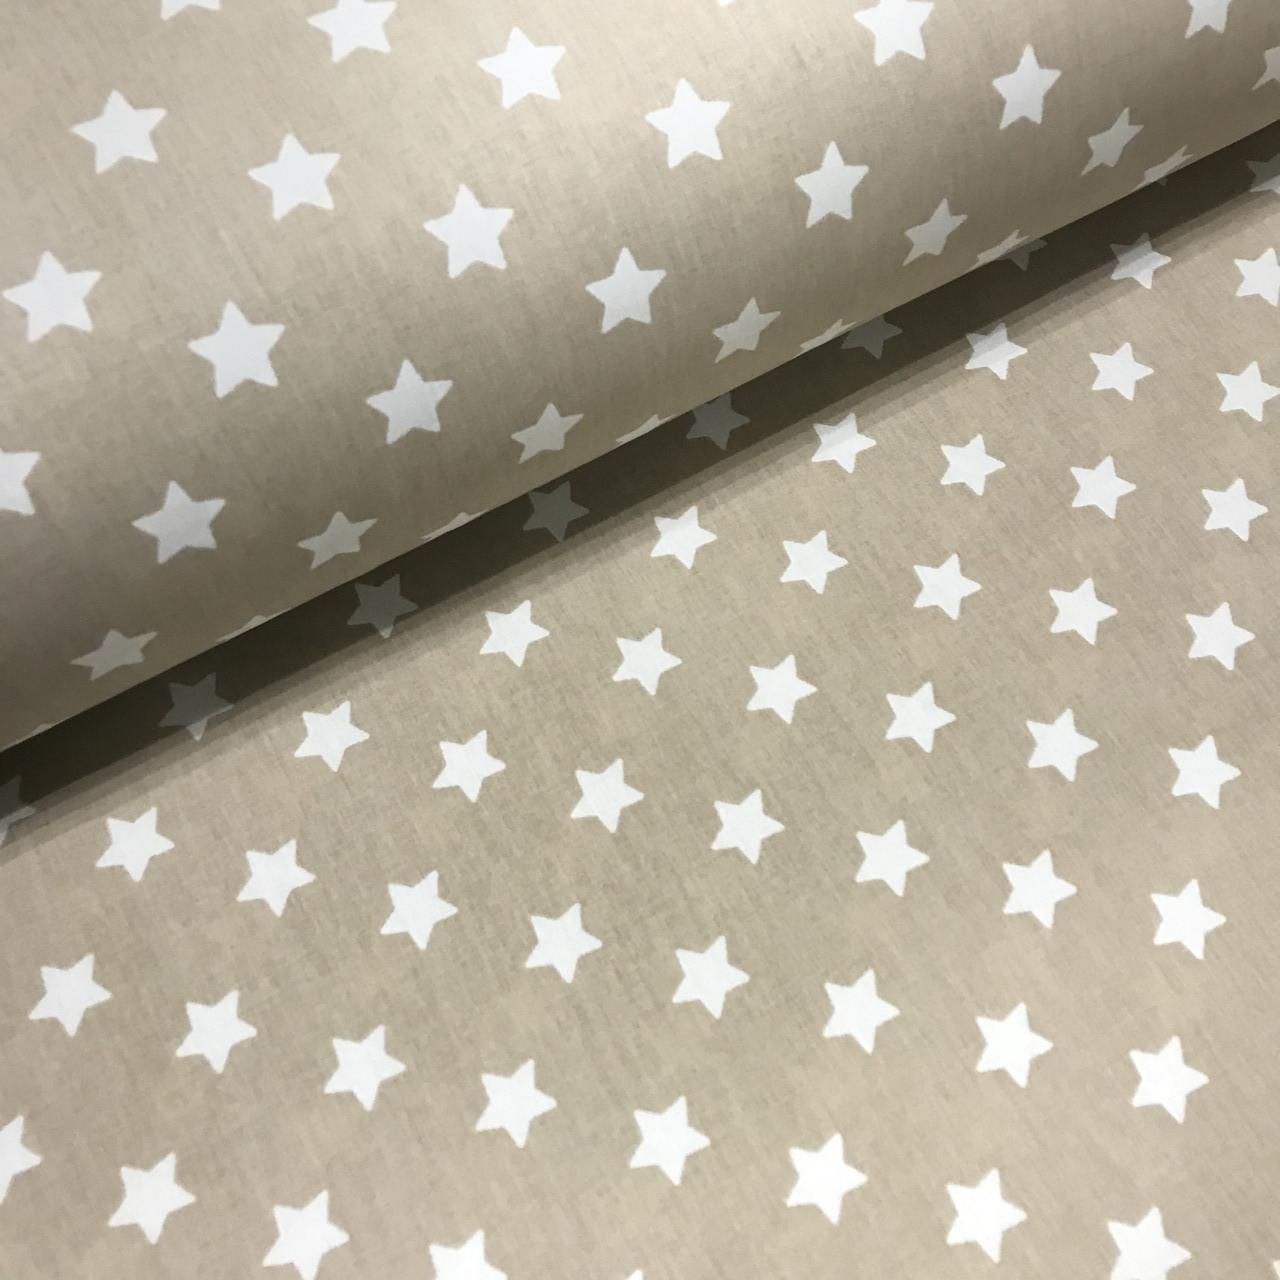 Ткань поплин звезды белые на бежевом средние (ТУРЦИЯ шир. 2,4 м)